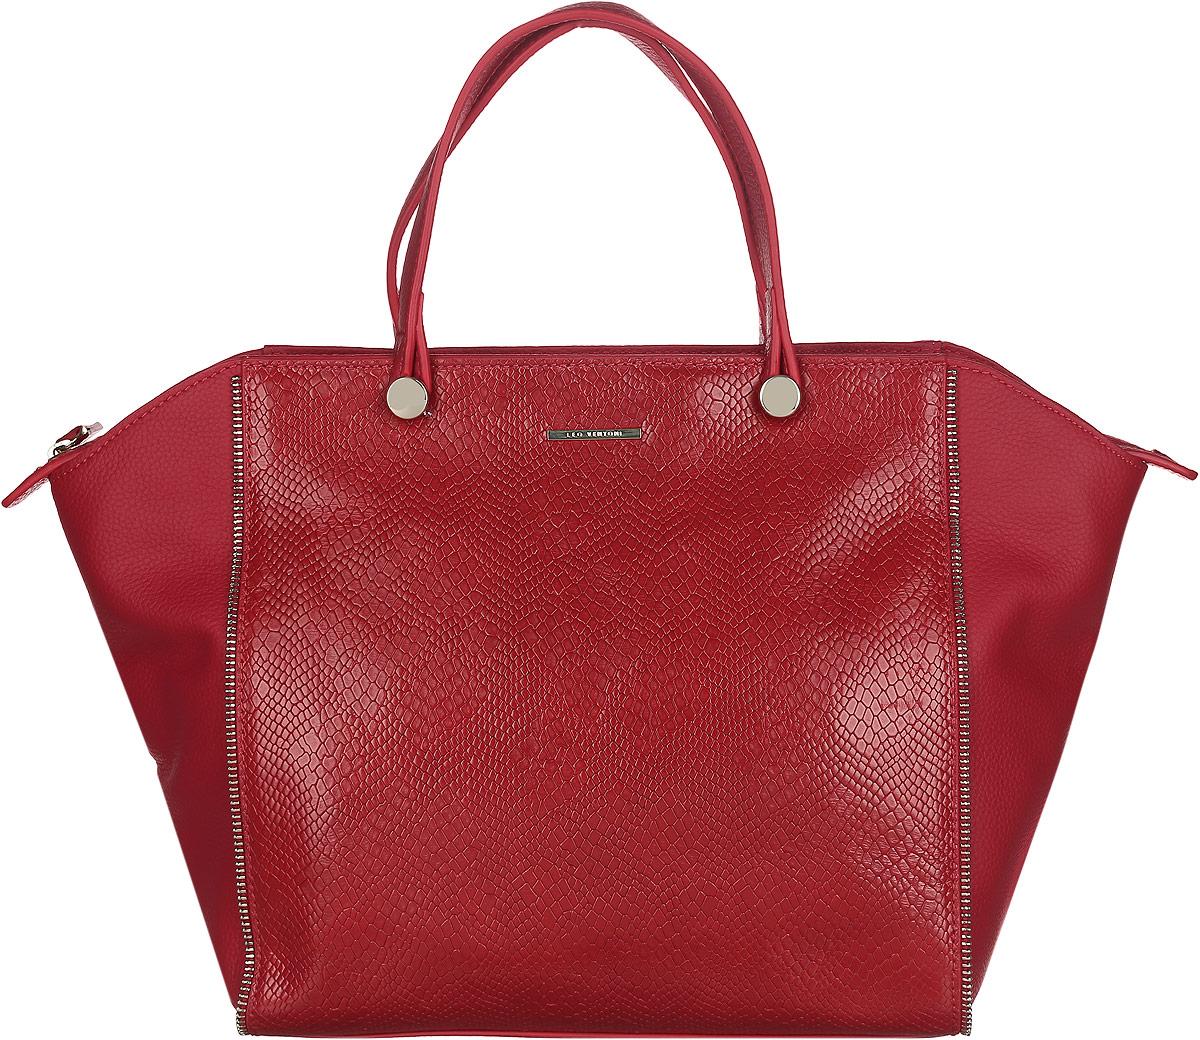 Сумка женская Leo Ventoni, цвет: красный. LV6394LV6394Стильная женская сумка Leo Ventoni выполнена из натуральной кожи зернистой фактуры с центральными вставками с тиснением под кожу змеи. Модель оформлена декоративными молниями и логотипом бренда. Сумка состоит из одного отделения, закрывающегося на пластиковую застежку-молнию. Изделие содержит врезной карман на молнии, открытый карман на кнопке, накладной карман на молнии и два накладных кармашка для мелочей и телефона. На тыльной стороне сумки расположен врезной карман на молнии. Сумка оснащена двумя удобными ручками и съемным плечевым ремнем. Плоское дно придает сумке устойчивость. Прилагается фирменный текстильный чехол для хранения изделия. Стильный аксессуар отлично завершит модный образ и подчеркнет ваш безупречный вкус.